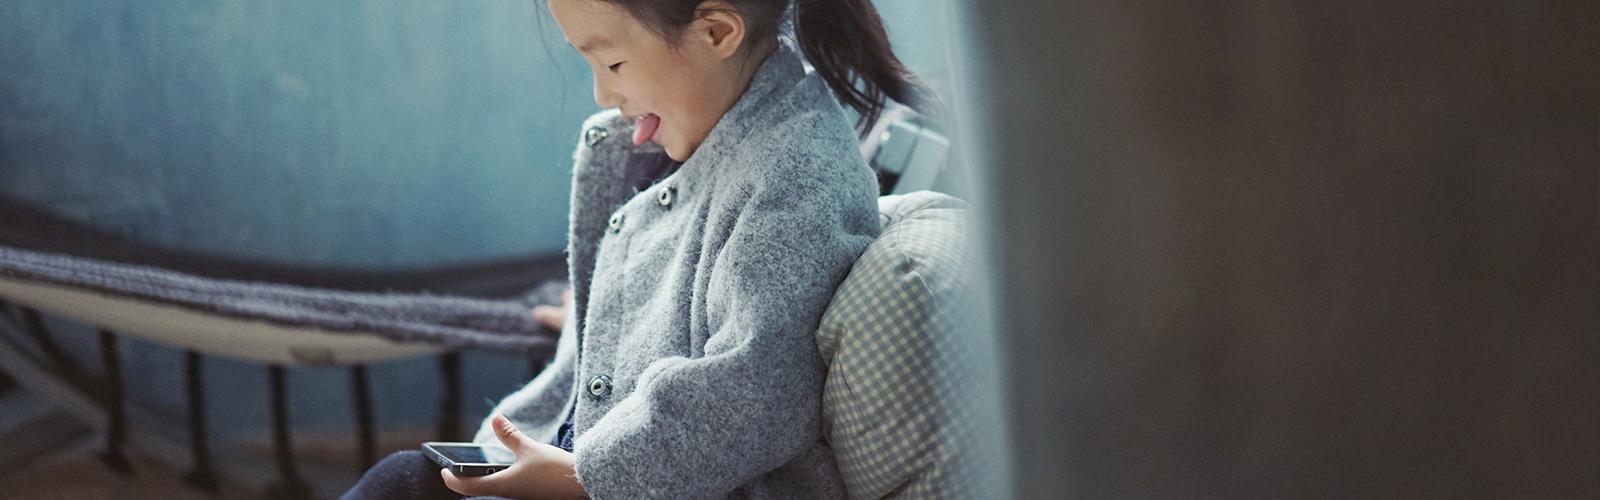 6 appli pour des trajets ludiquement plus calme avec les enfants !